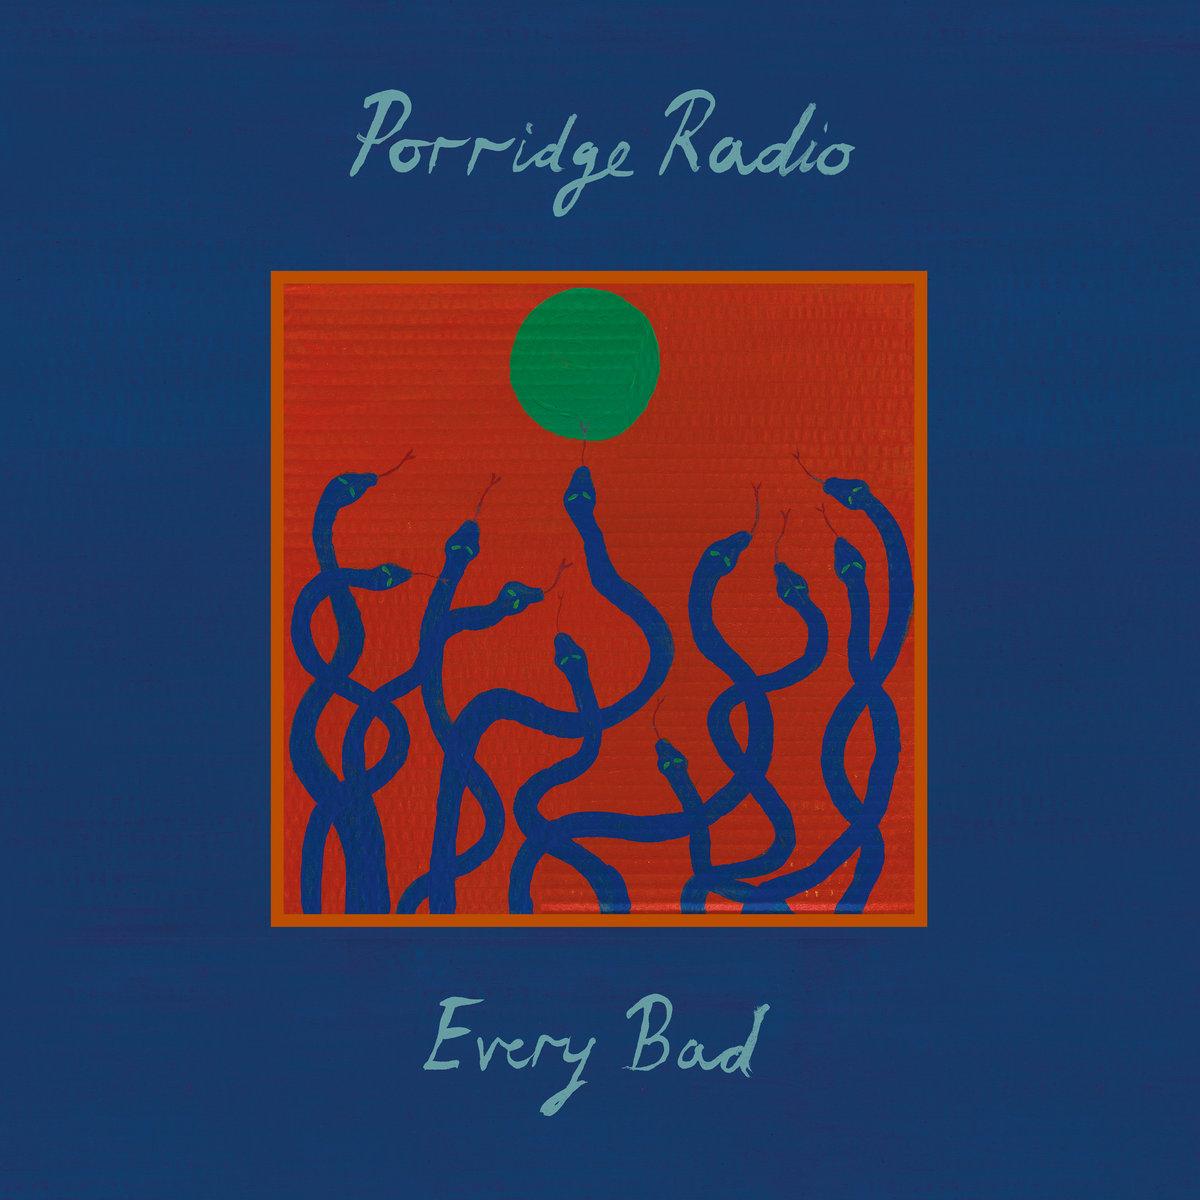 Porridge Radio - Every Bad (Deluxe Edition) [LTD 2xLP] (purple vinyl)